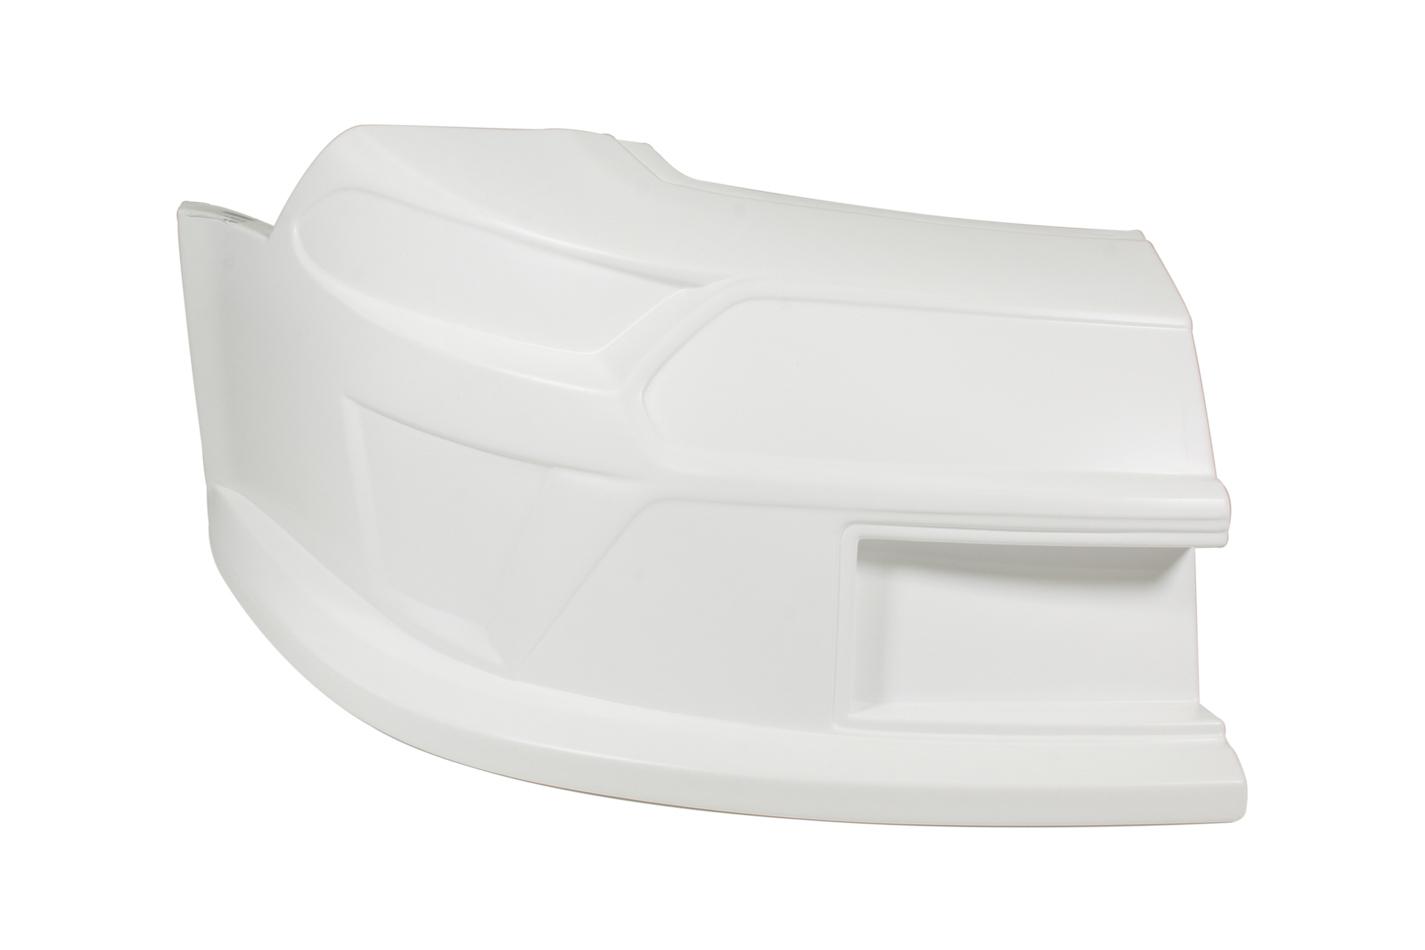 Fivestar 11322-41051-WR Nose, Passenger Side, Molded Plastic, White, Ford Mustang, 2019 Late Model, Each